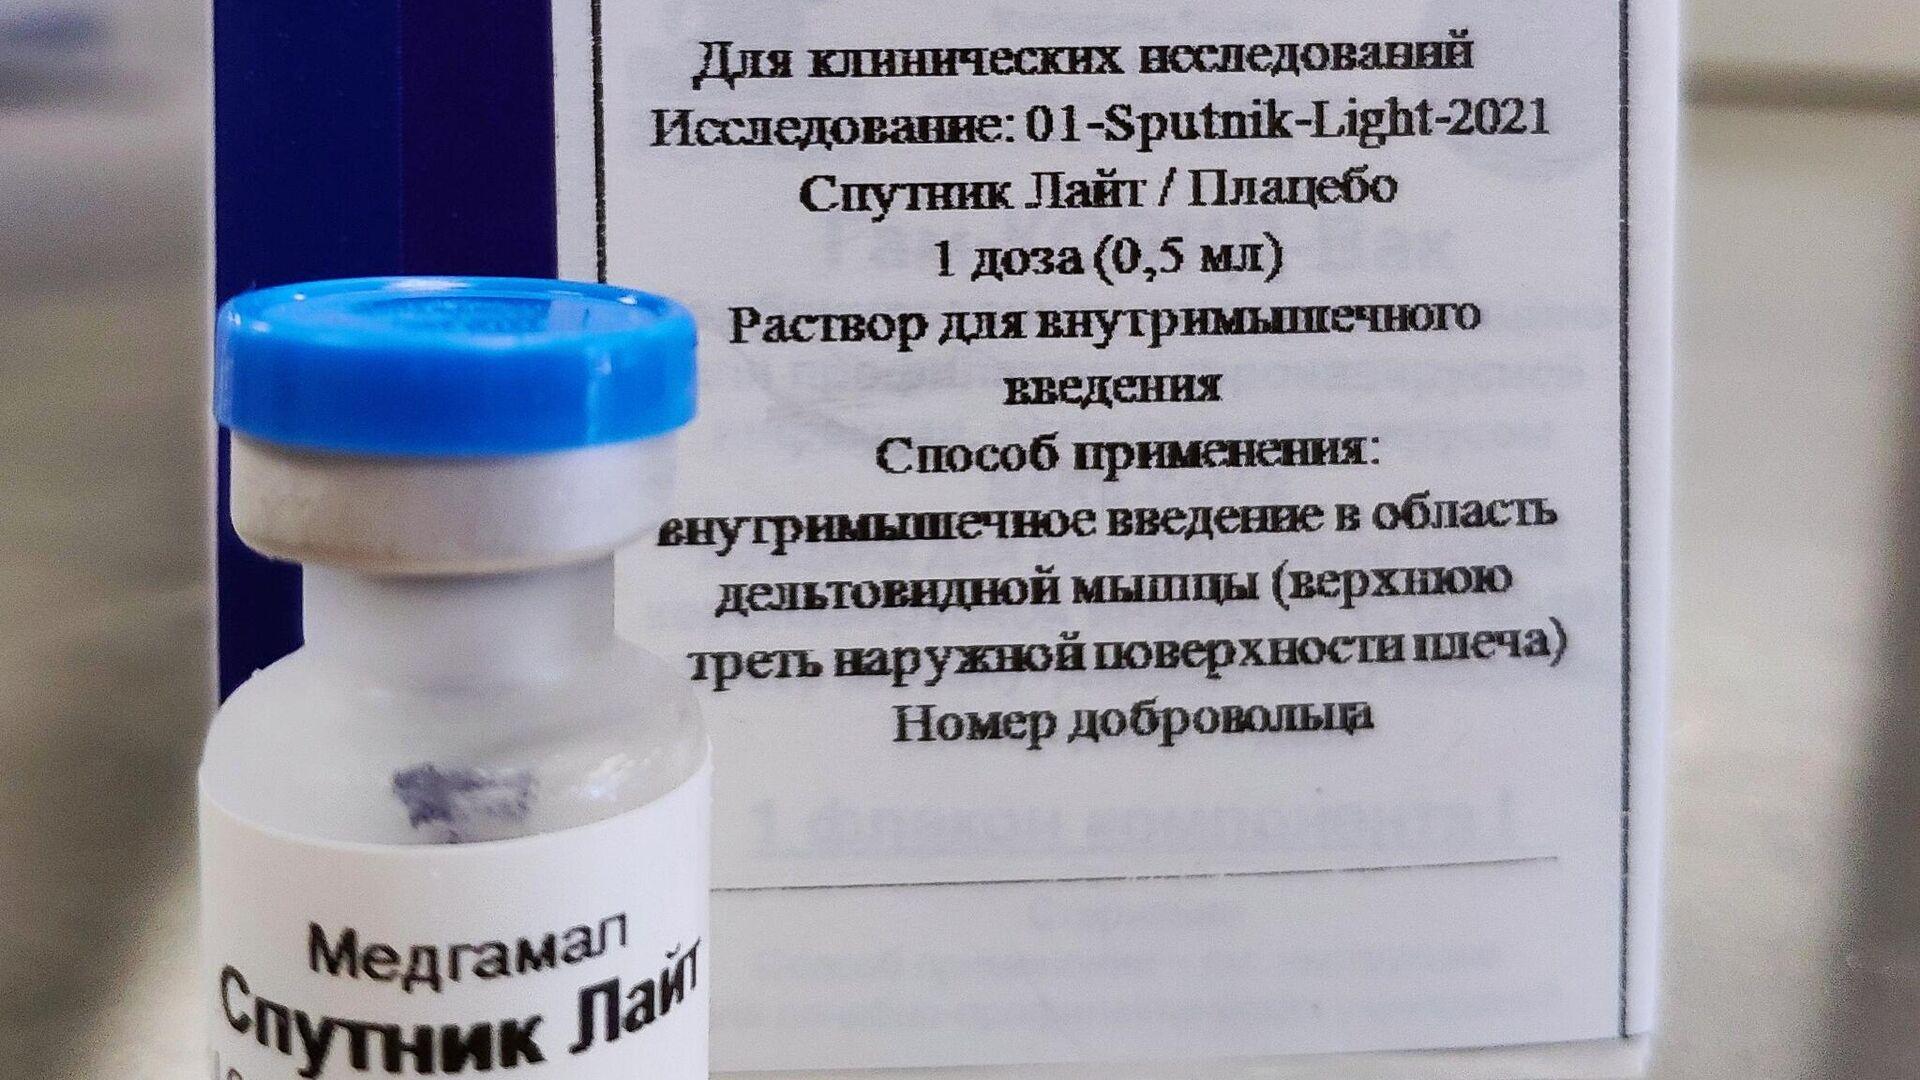 Упаковка однокомпонентной вакцины от COVID-19 Спутник Лайт - РИА Новости, 1920, 29.03.2021